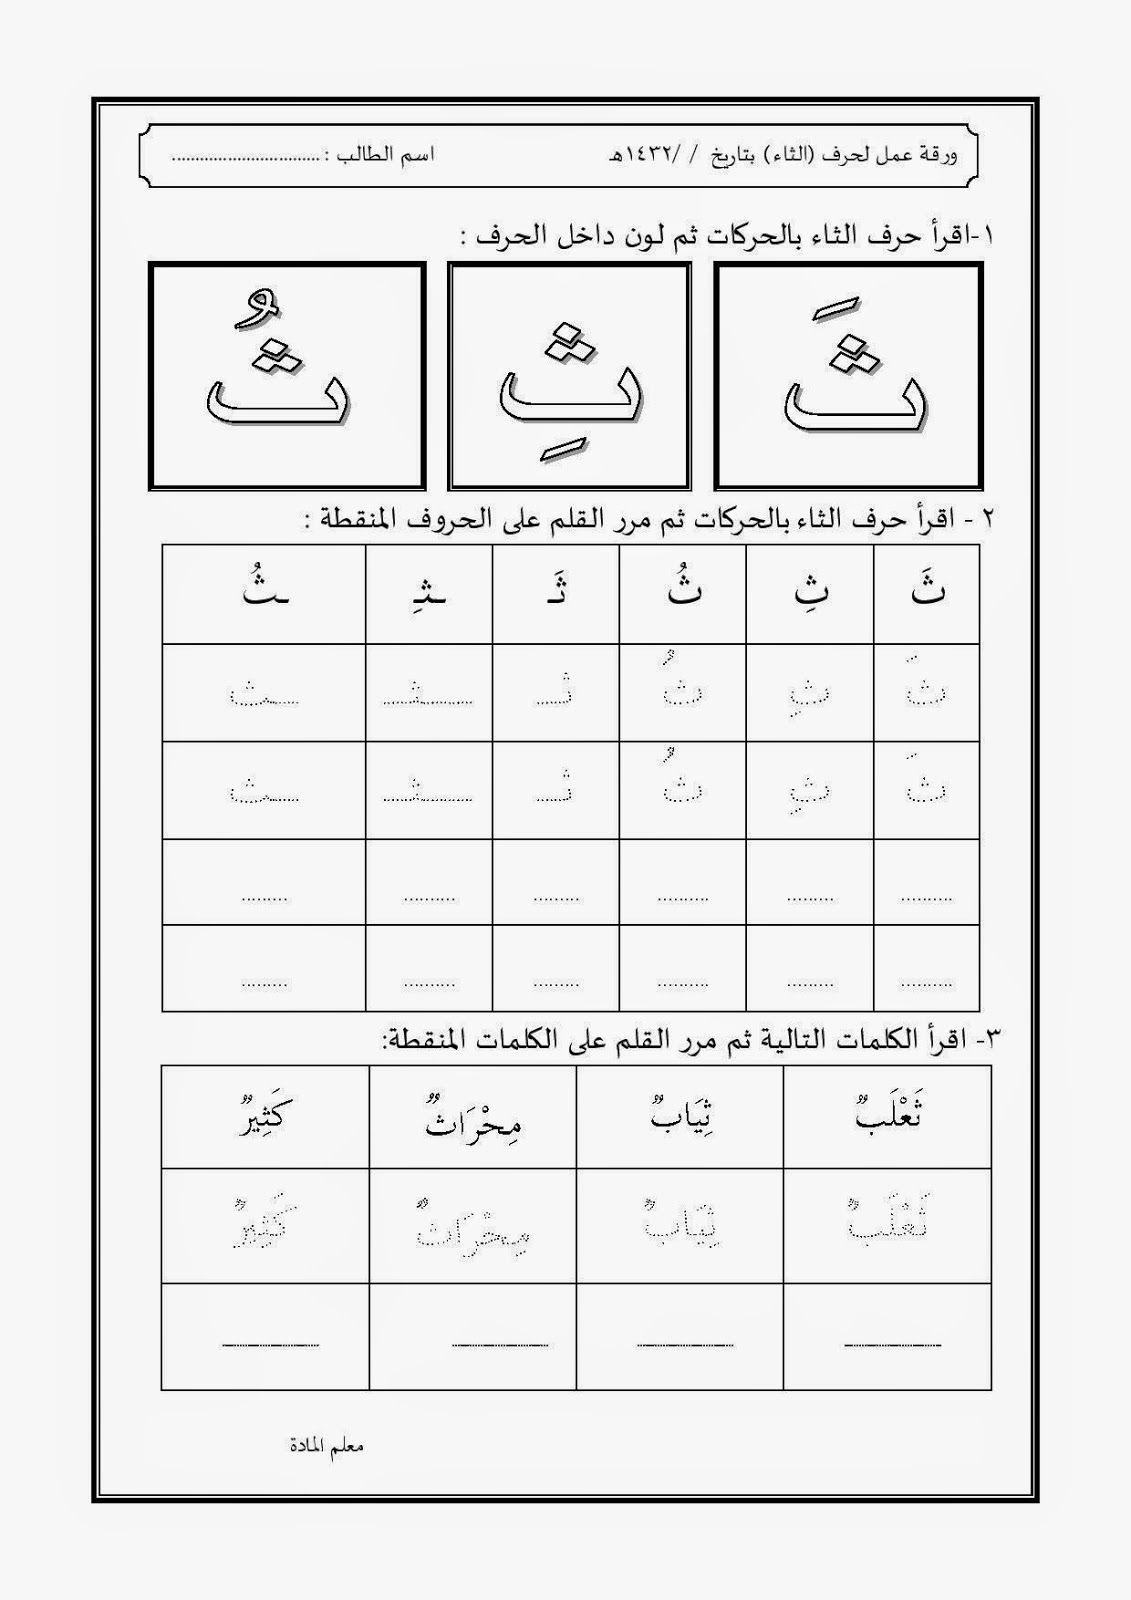 Pin By Nizmanella On Arabskij Learn Arabic Alphabet Alphabet Tracing Worksheets Arabic Alphabet